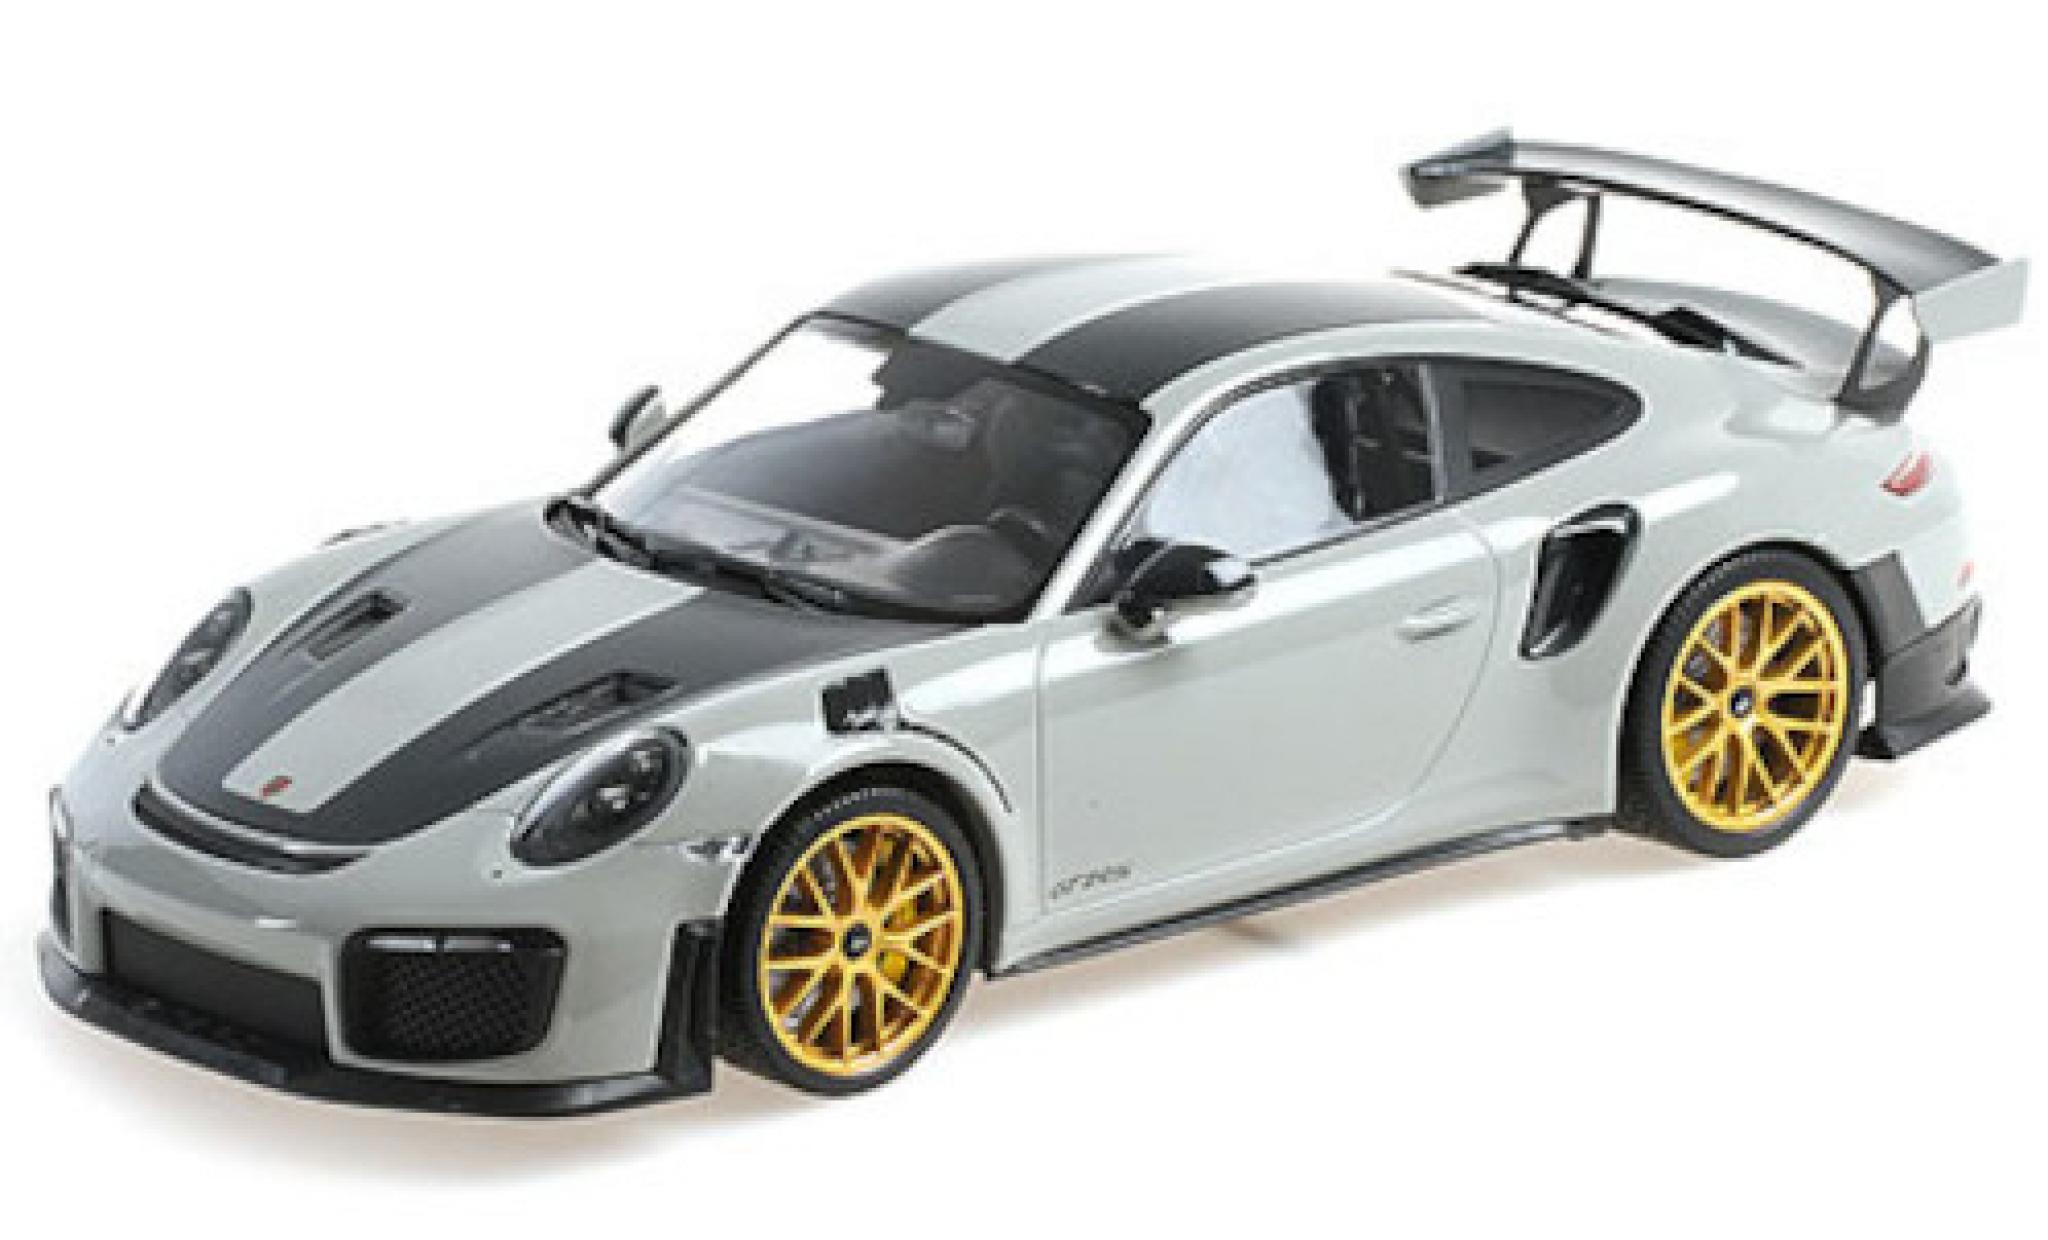 Porsche 991 GT2 RS 1/18 Minichamps 911 (.2) grise/carbon 2018 mit Weissach Paket und goldenen Magnesium Felgen